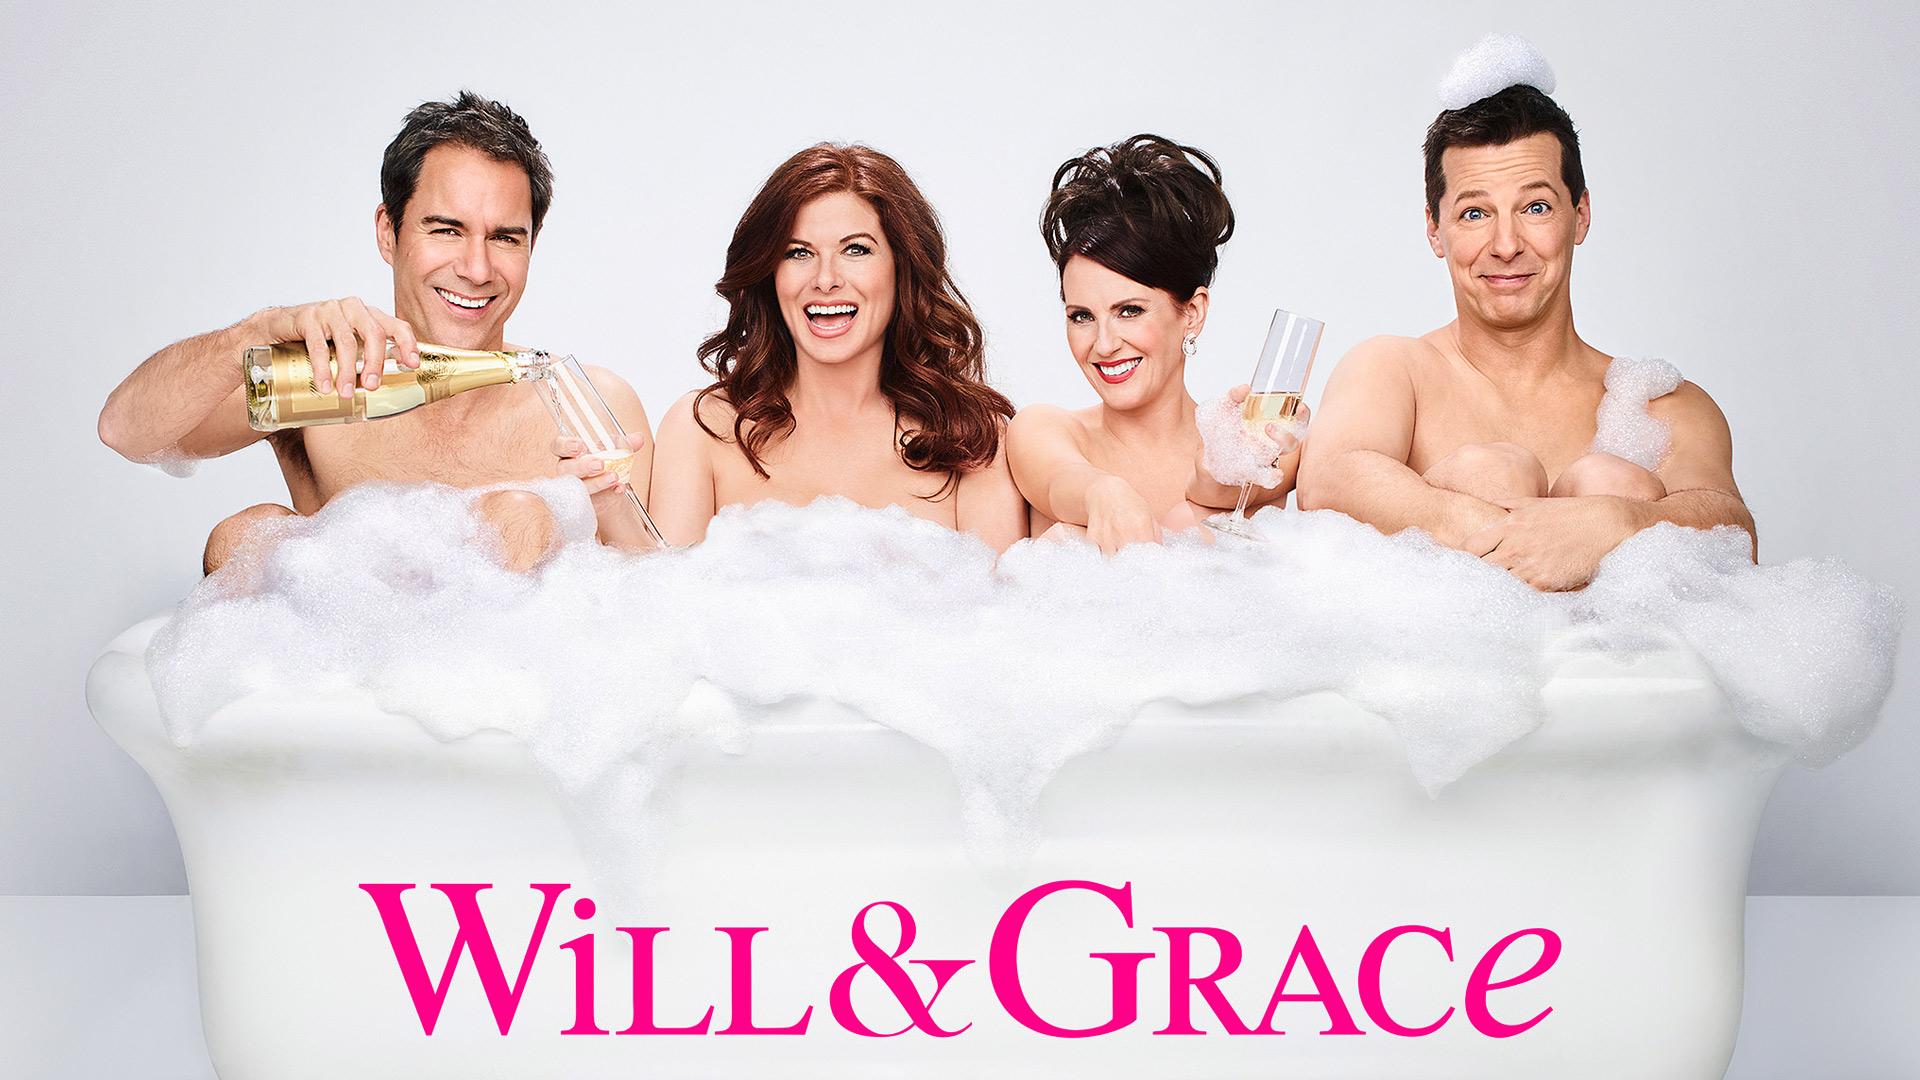 Will & Grace ('17), Season 1